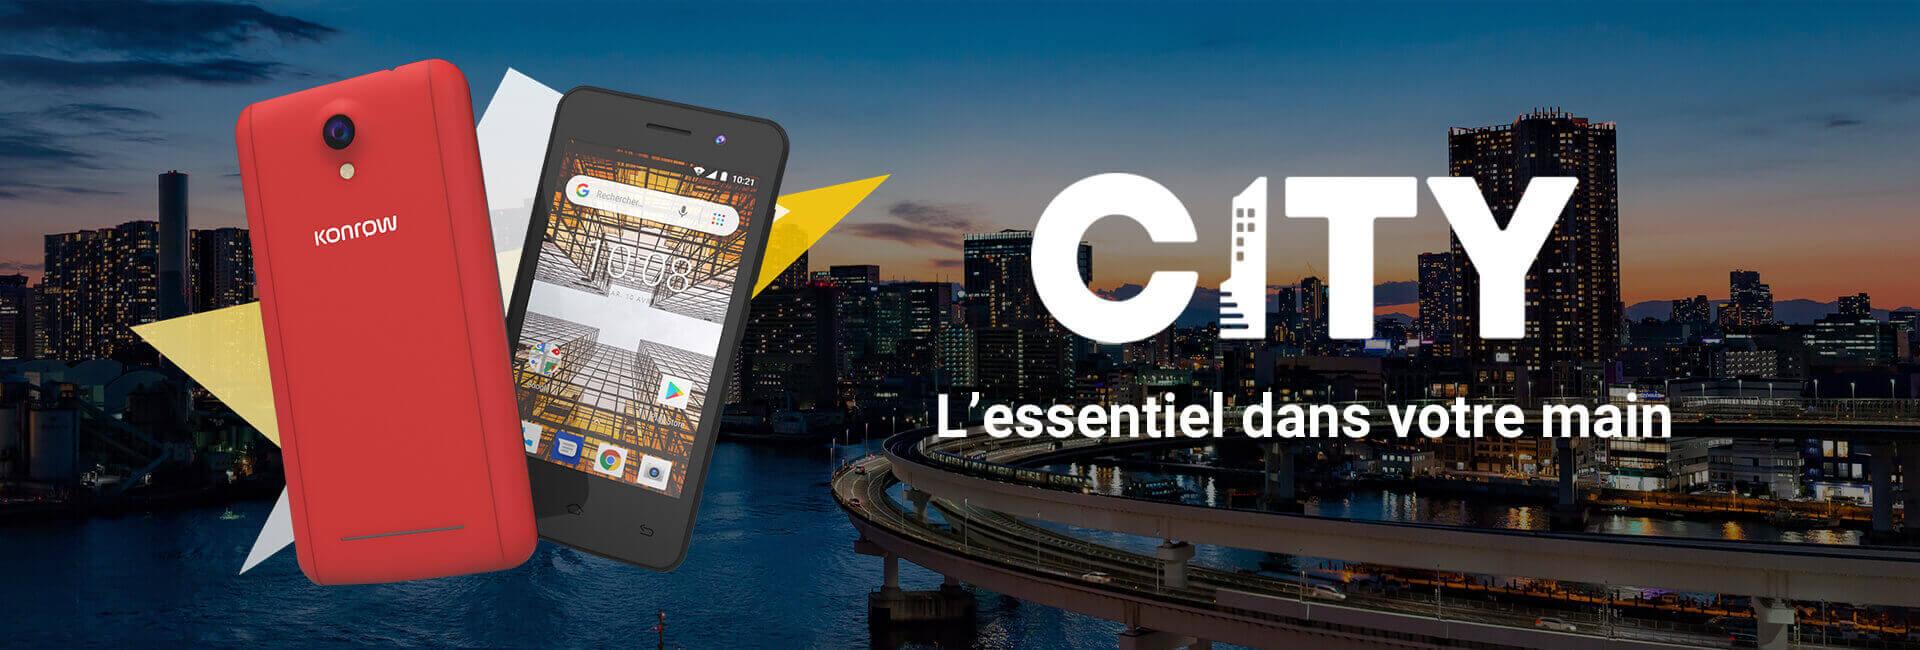 Bannière smartphone city, l'essentiel dans votre main